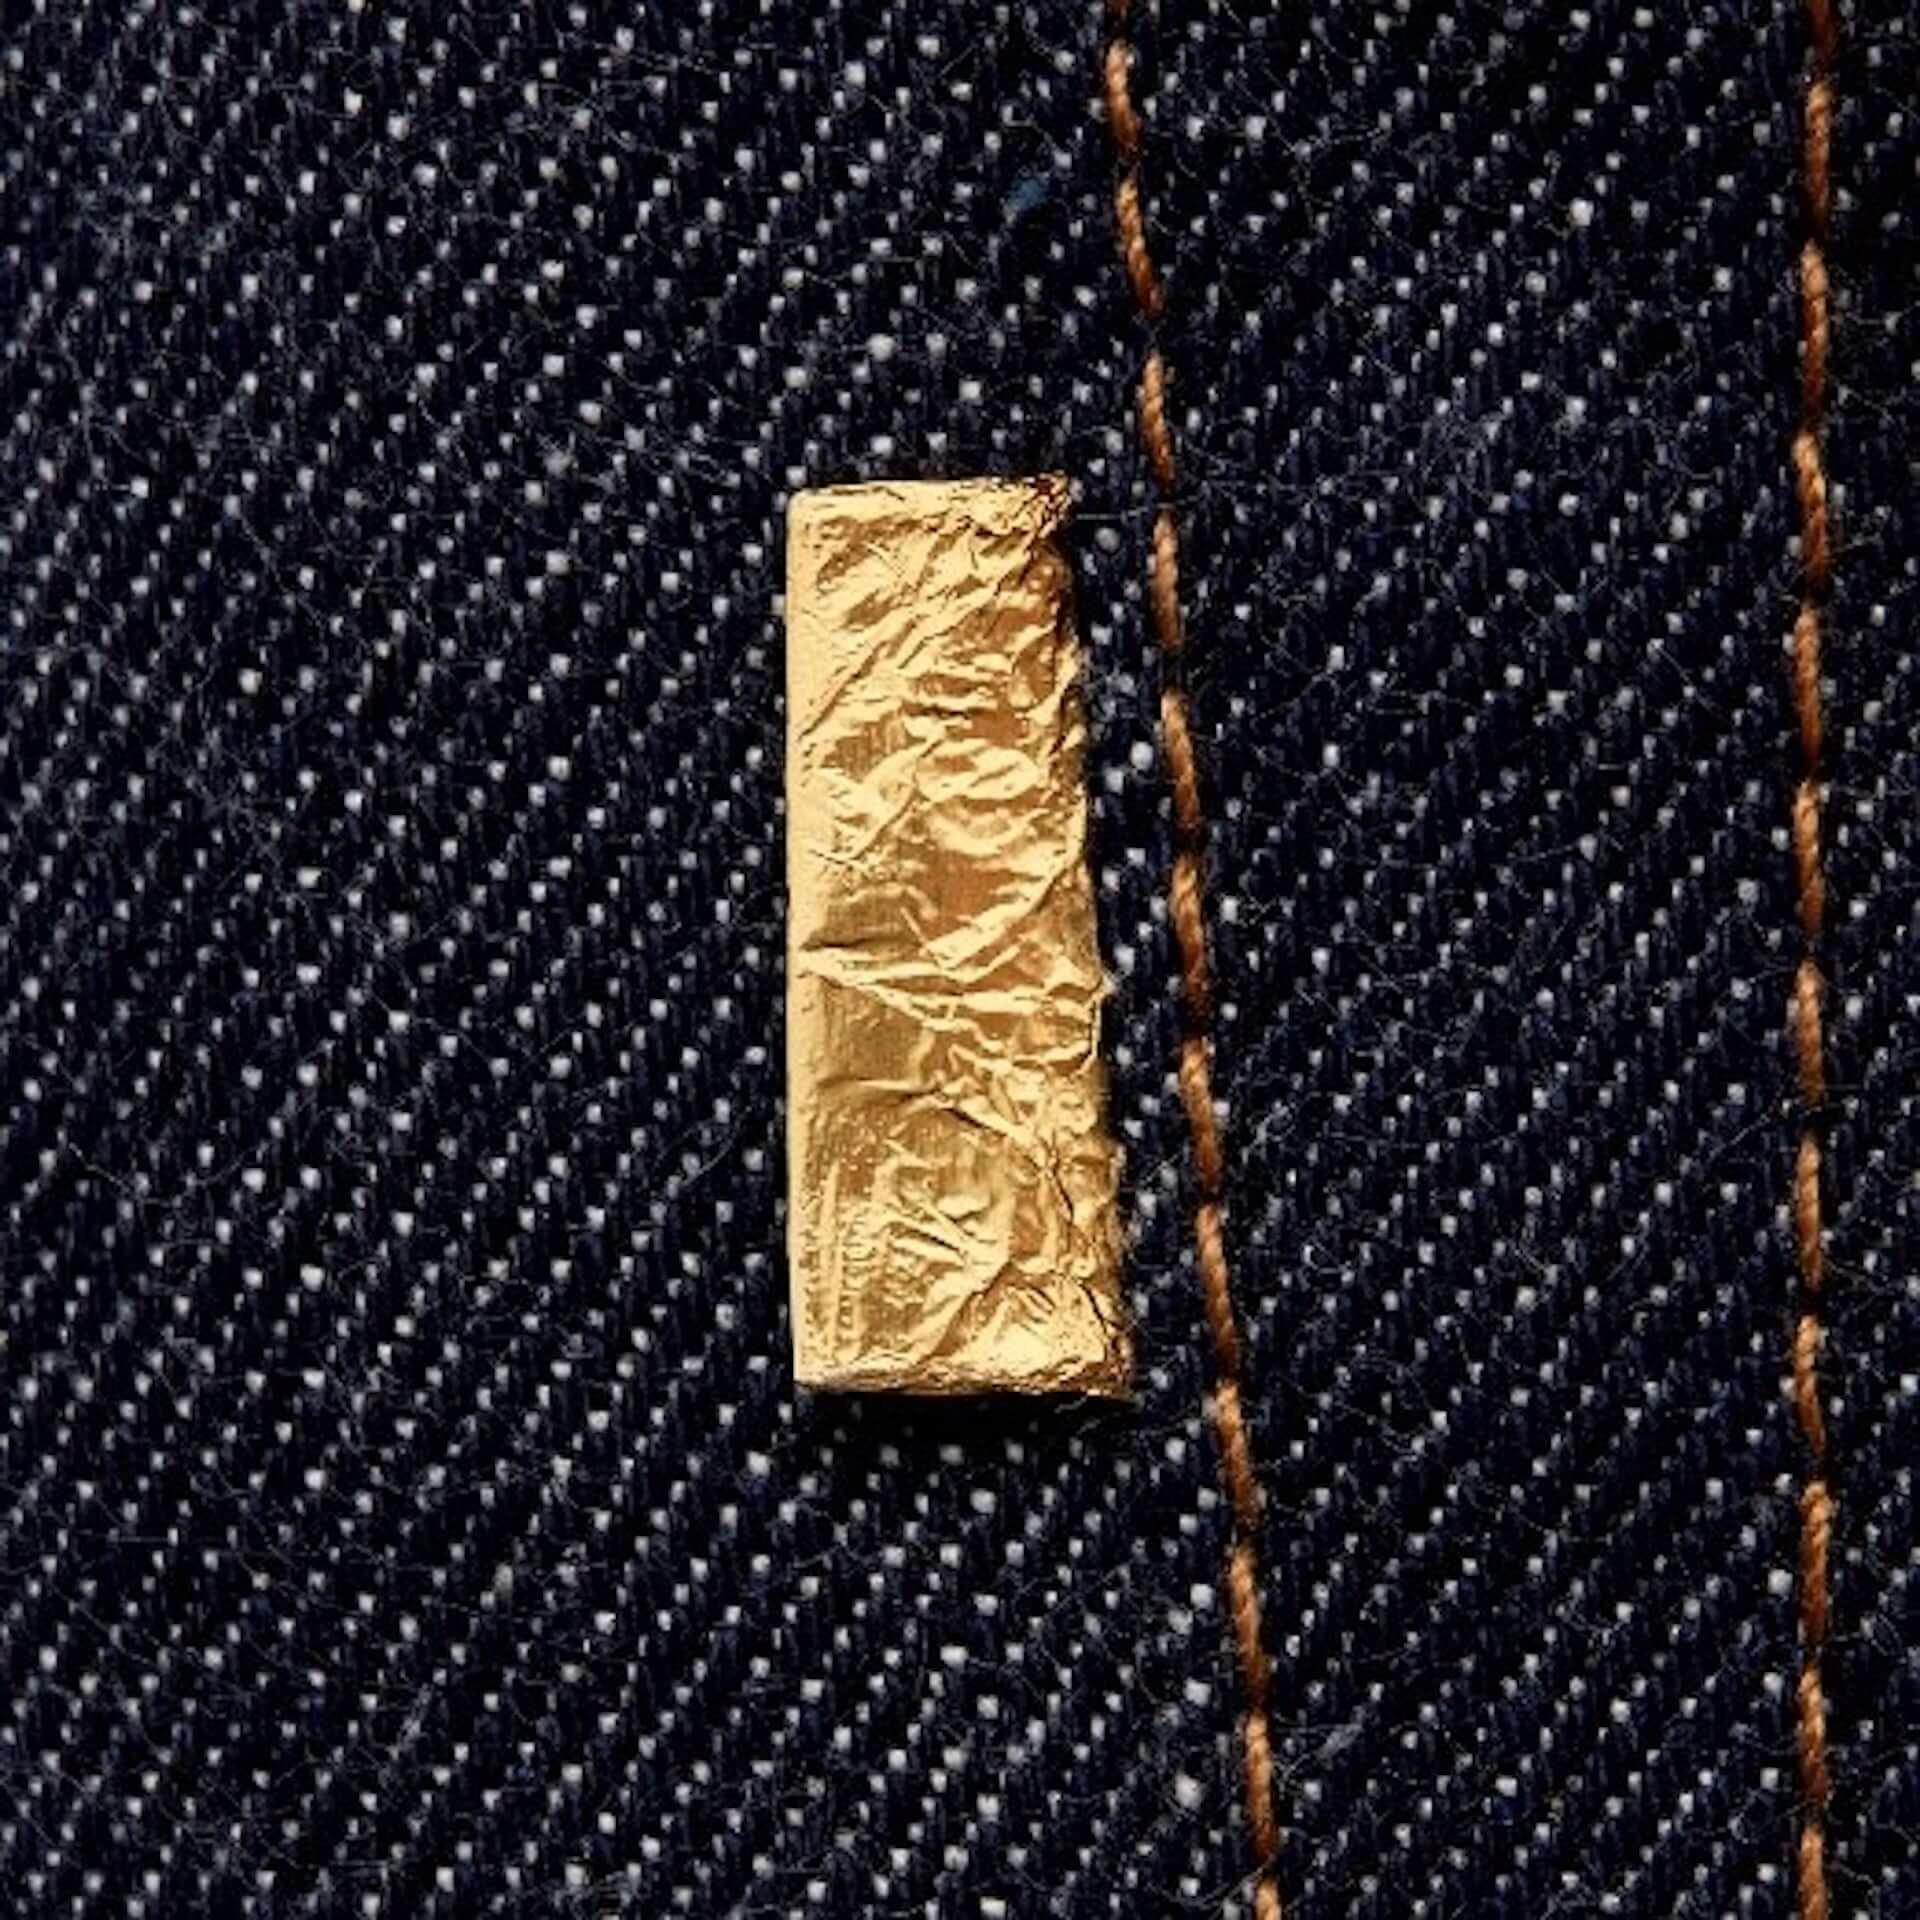 リーバイス「ゴールデンチケット501(R)」が世界で501本だけの限定発売へ|1971年モデルがレッドタブくじ付きで復刻 lf200514_levis_501_1-1920x1920